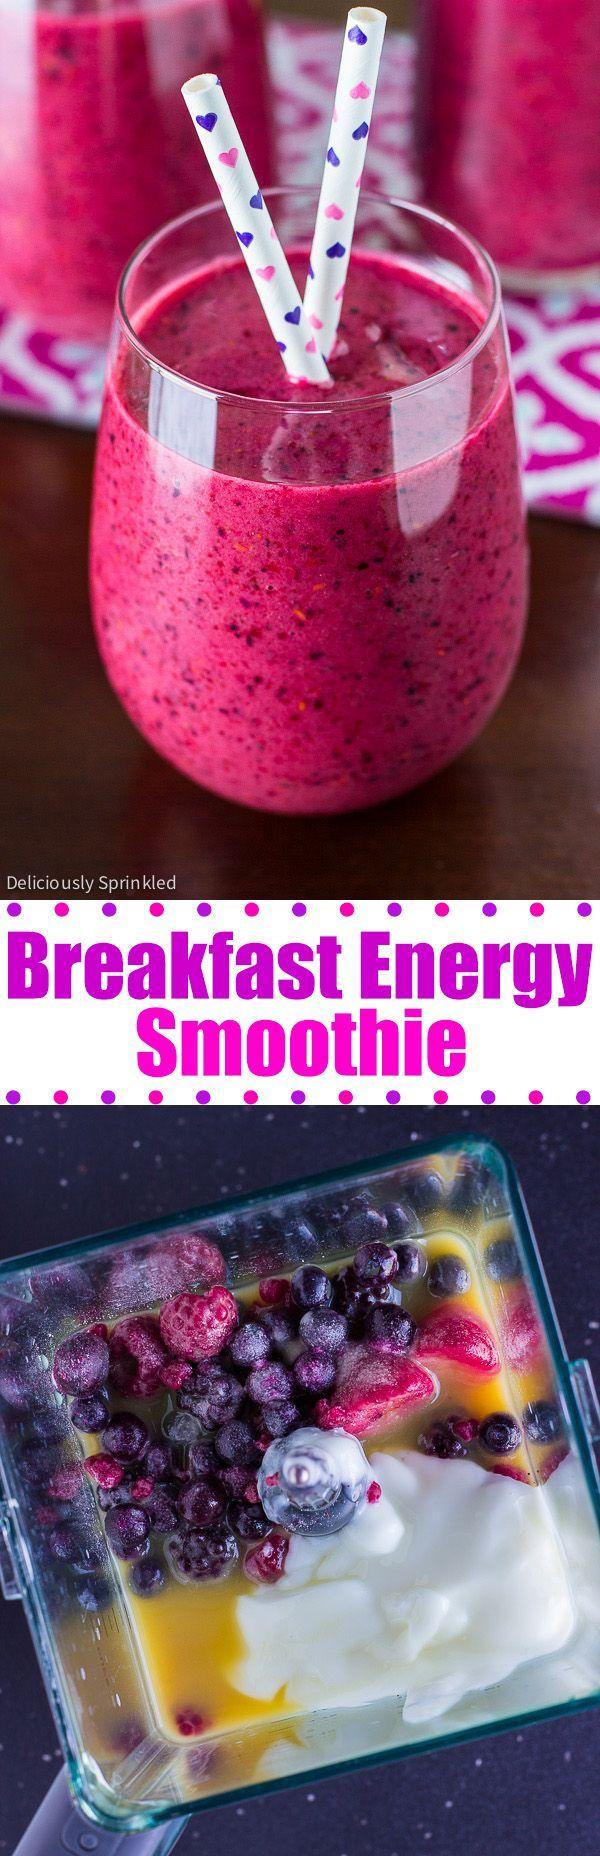 Breakfast Energy Smoothie | Recipe